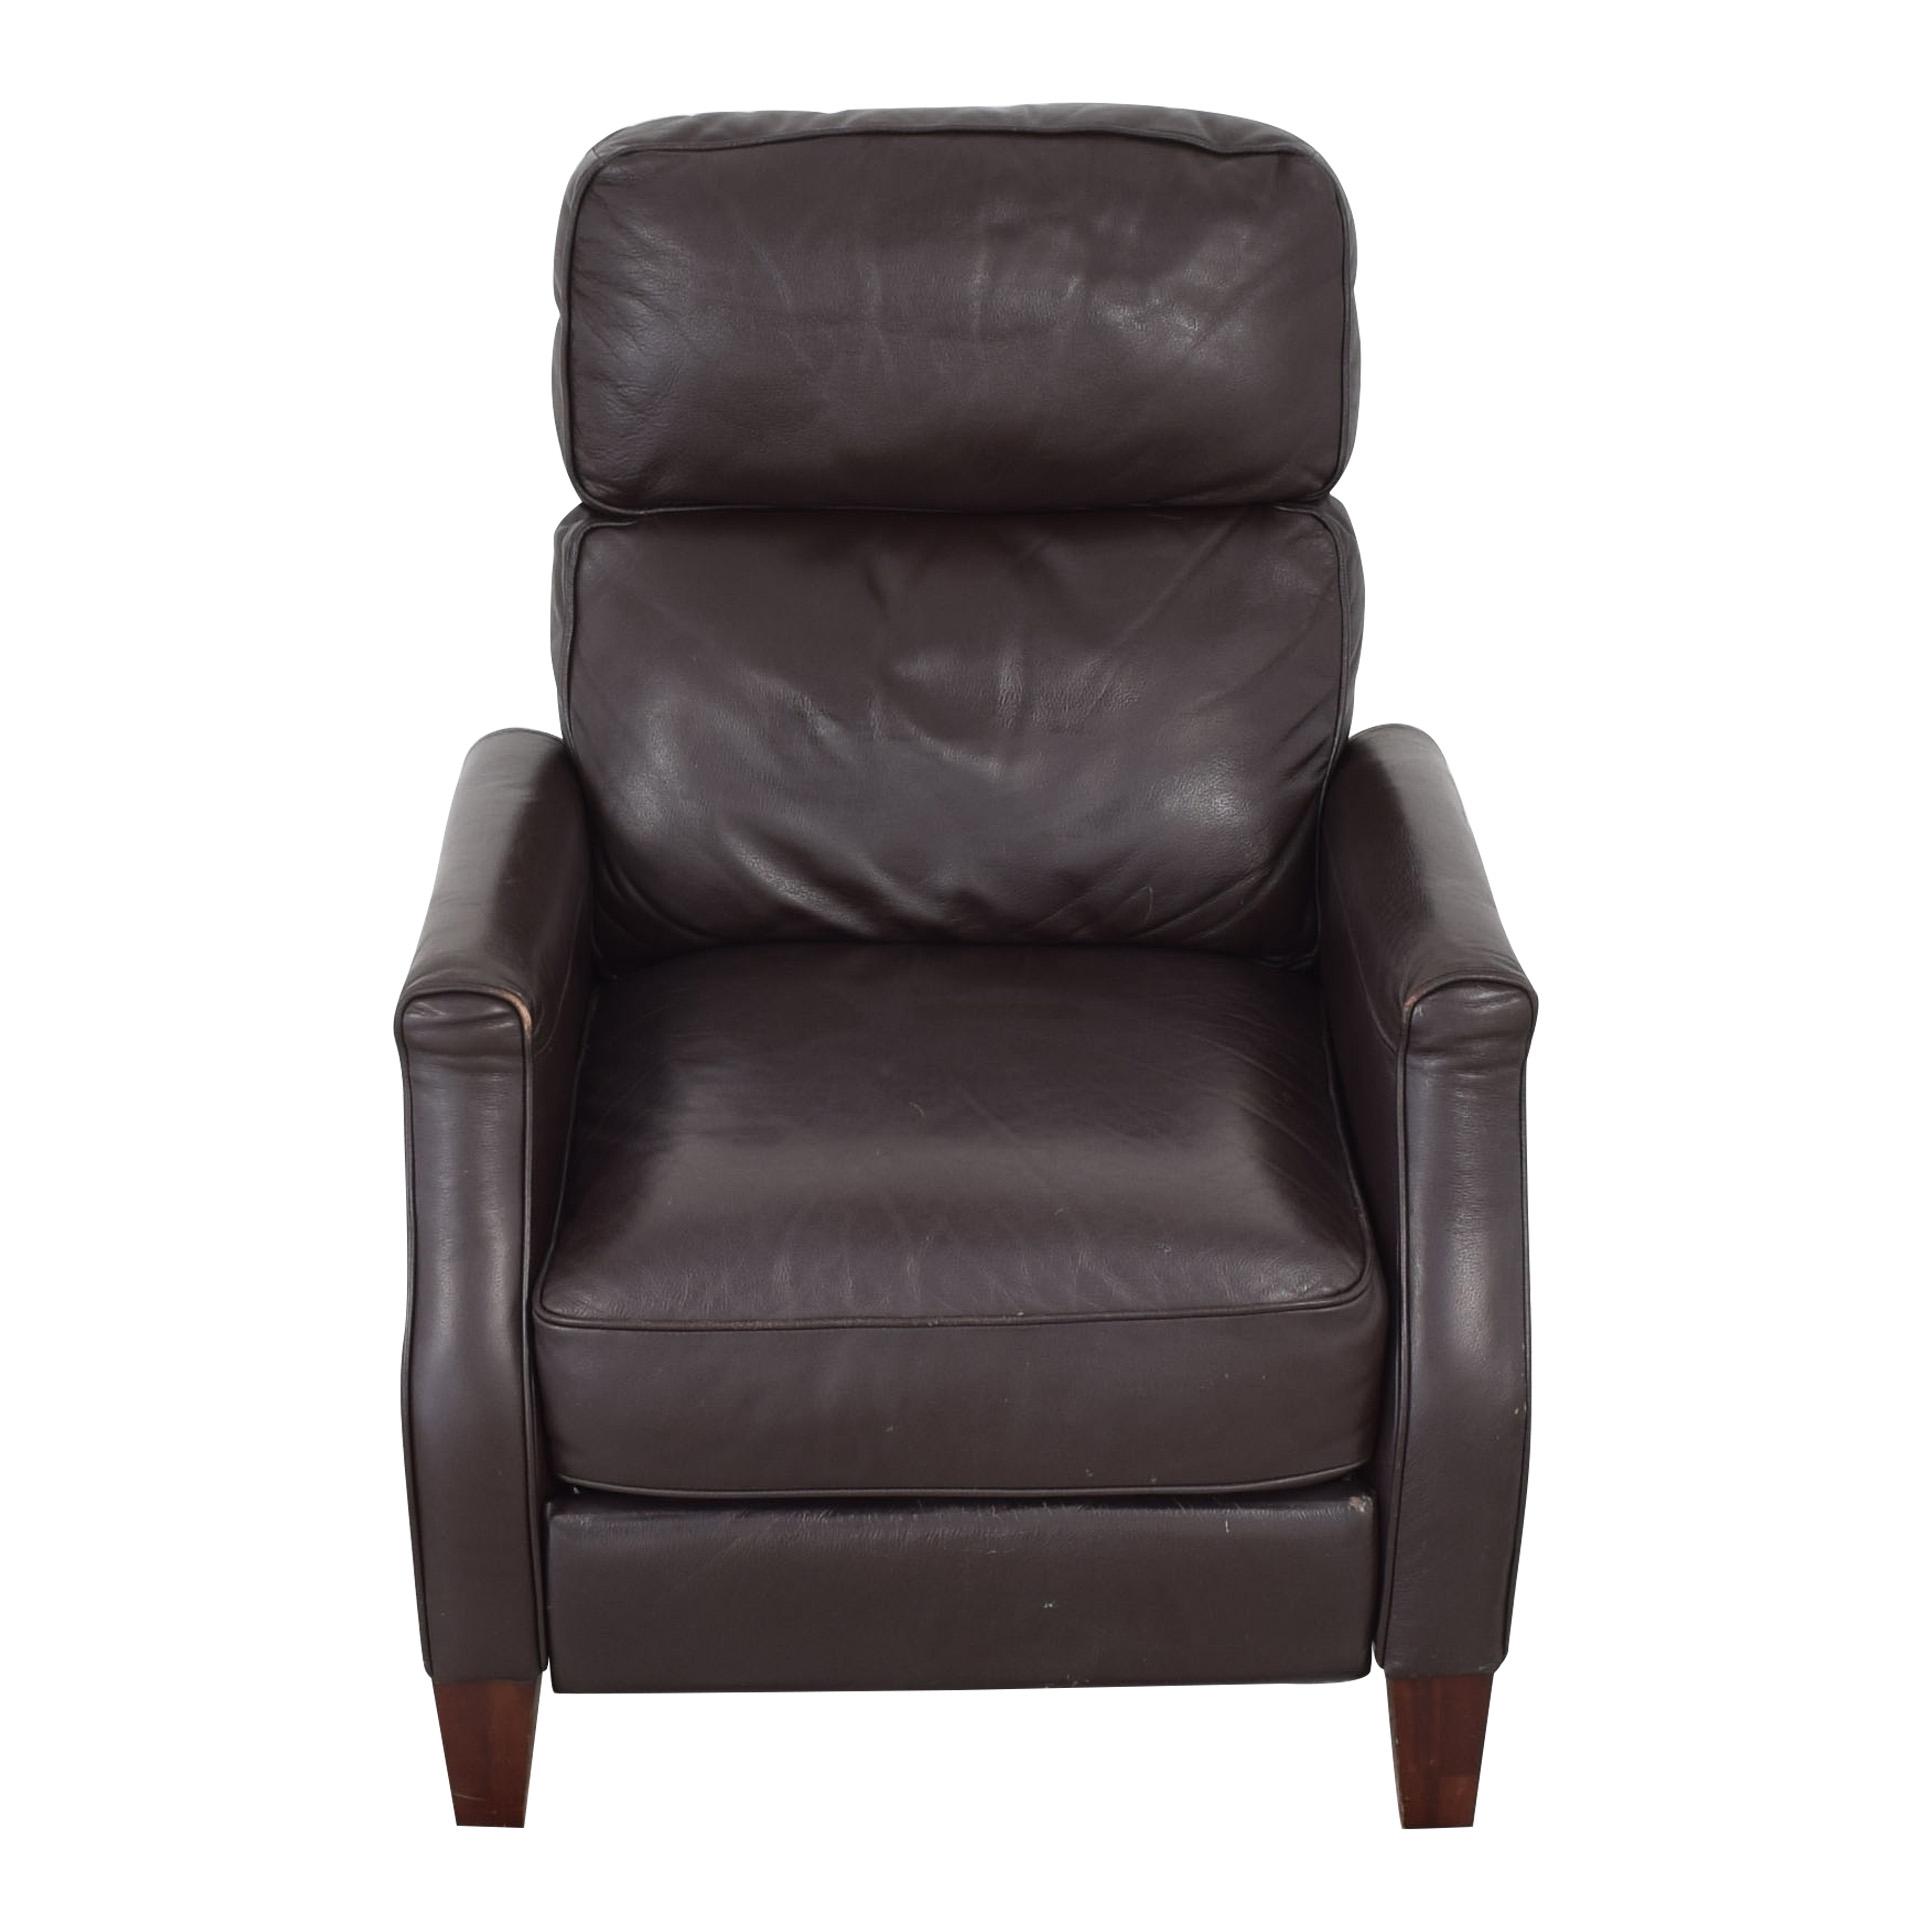 buy Macy's Macy's Leather Recliner Armchair online